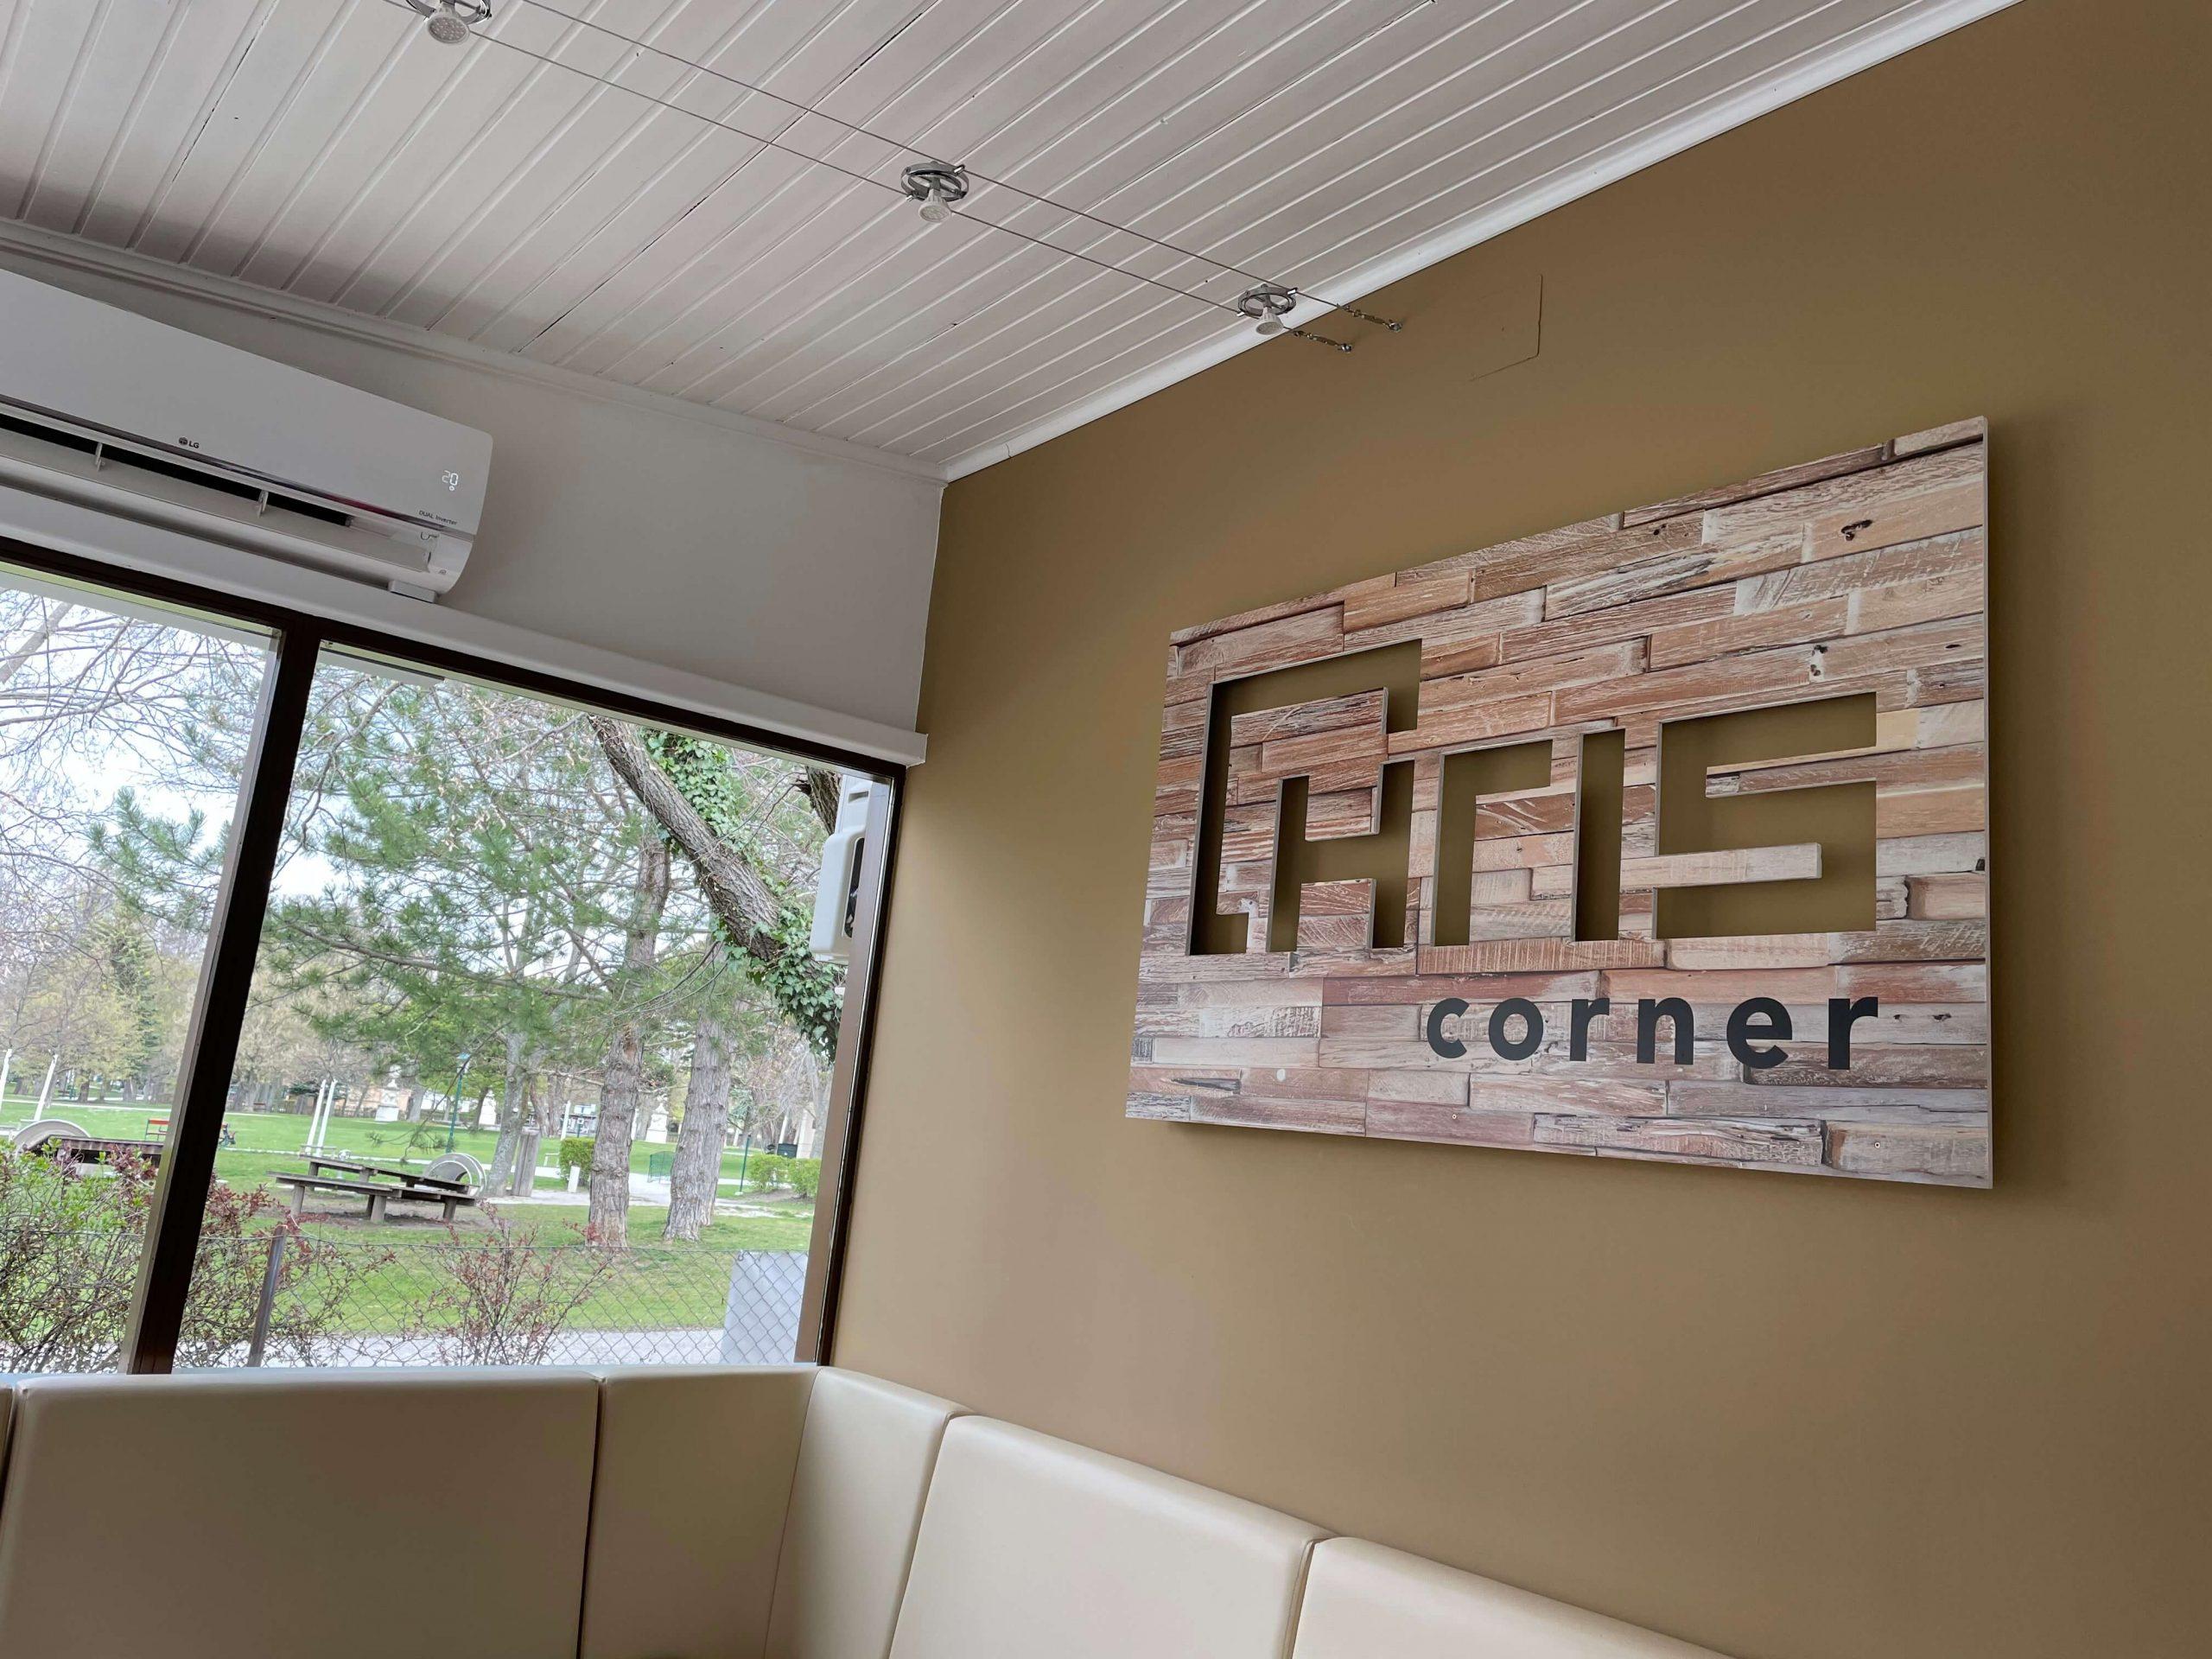 Chris-Corner-Indoor-2